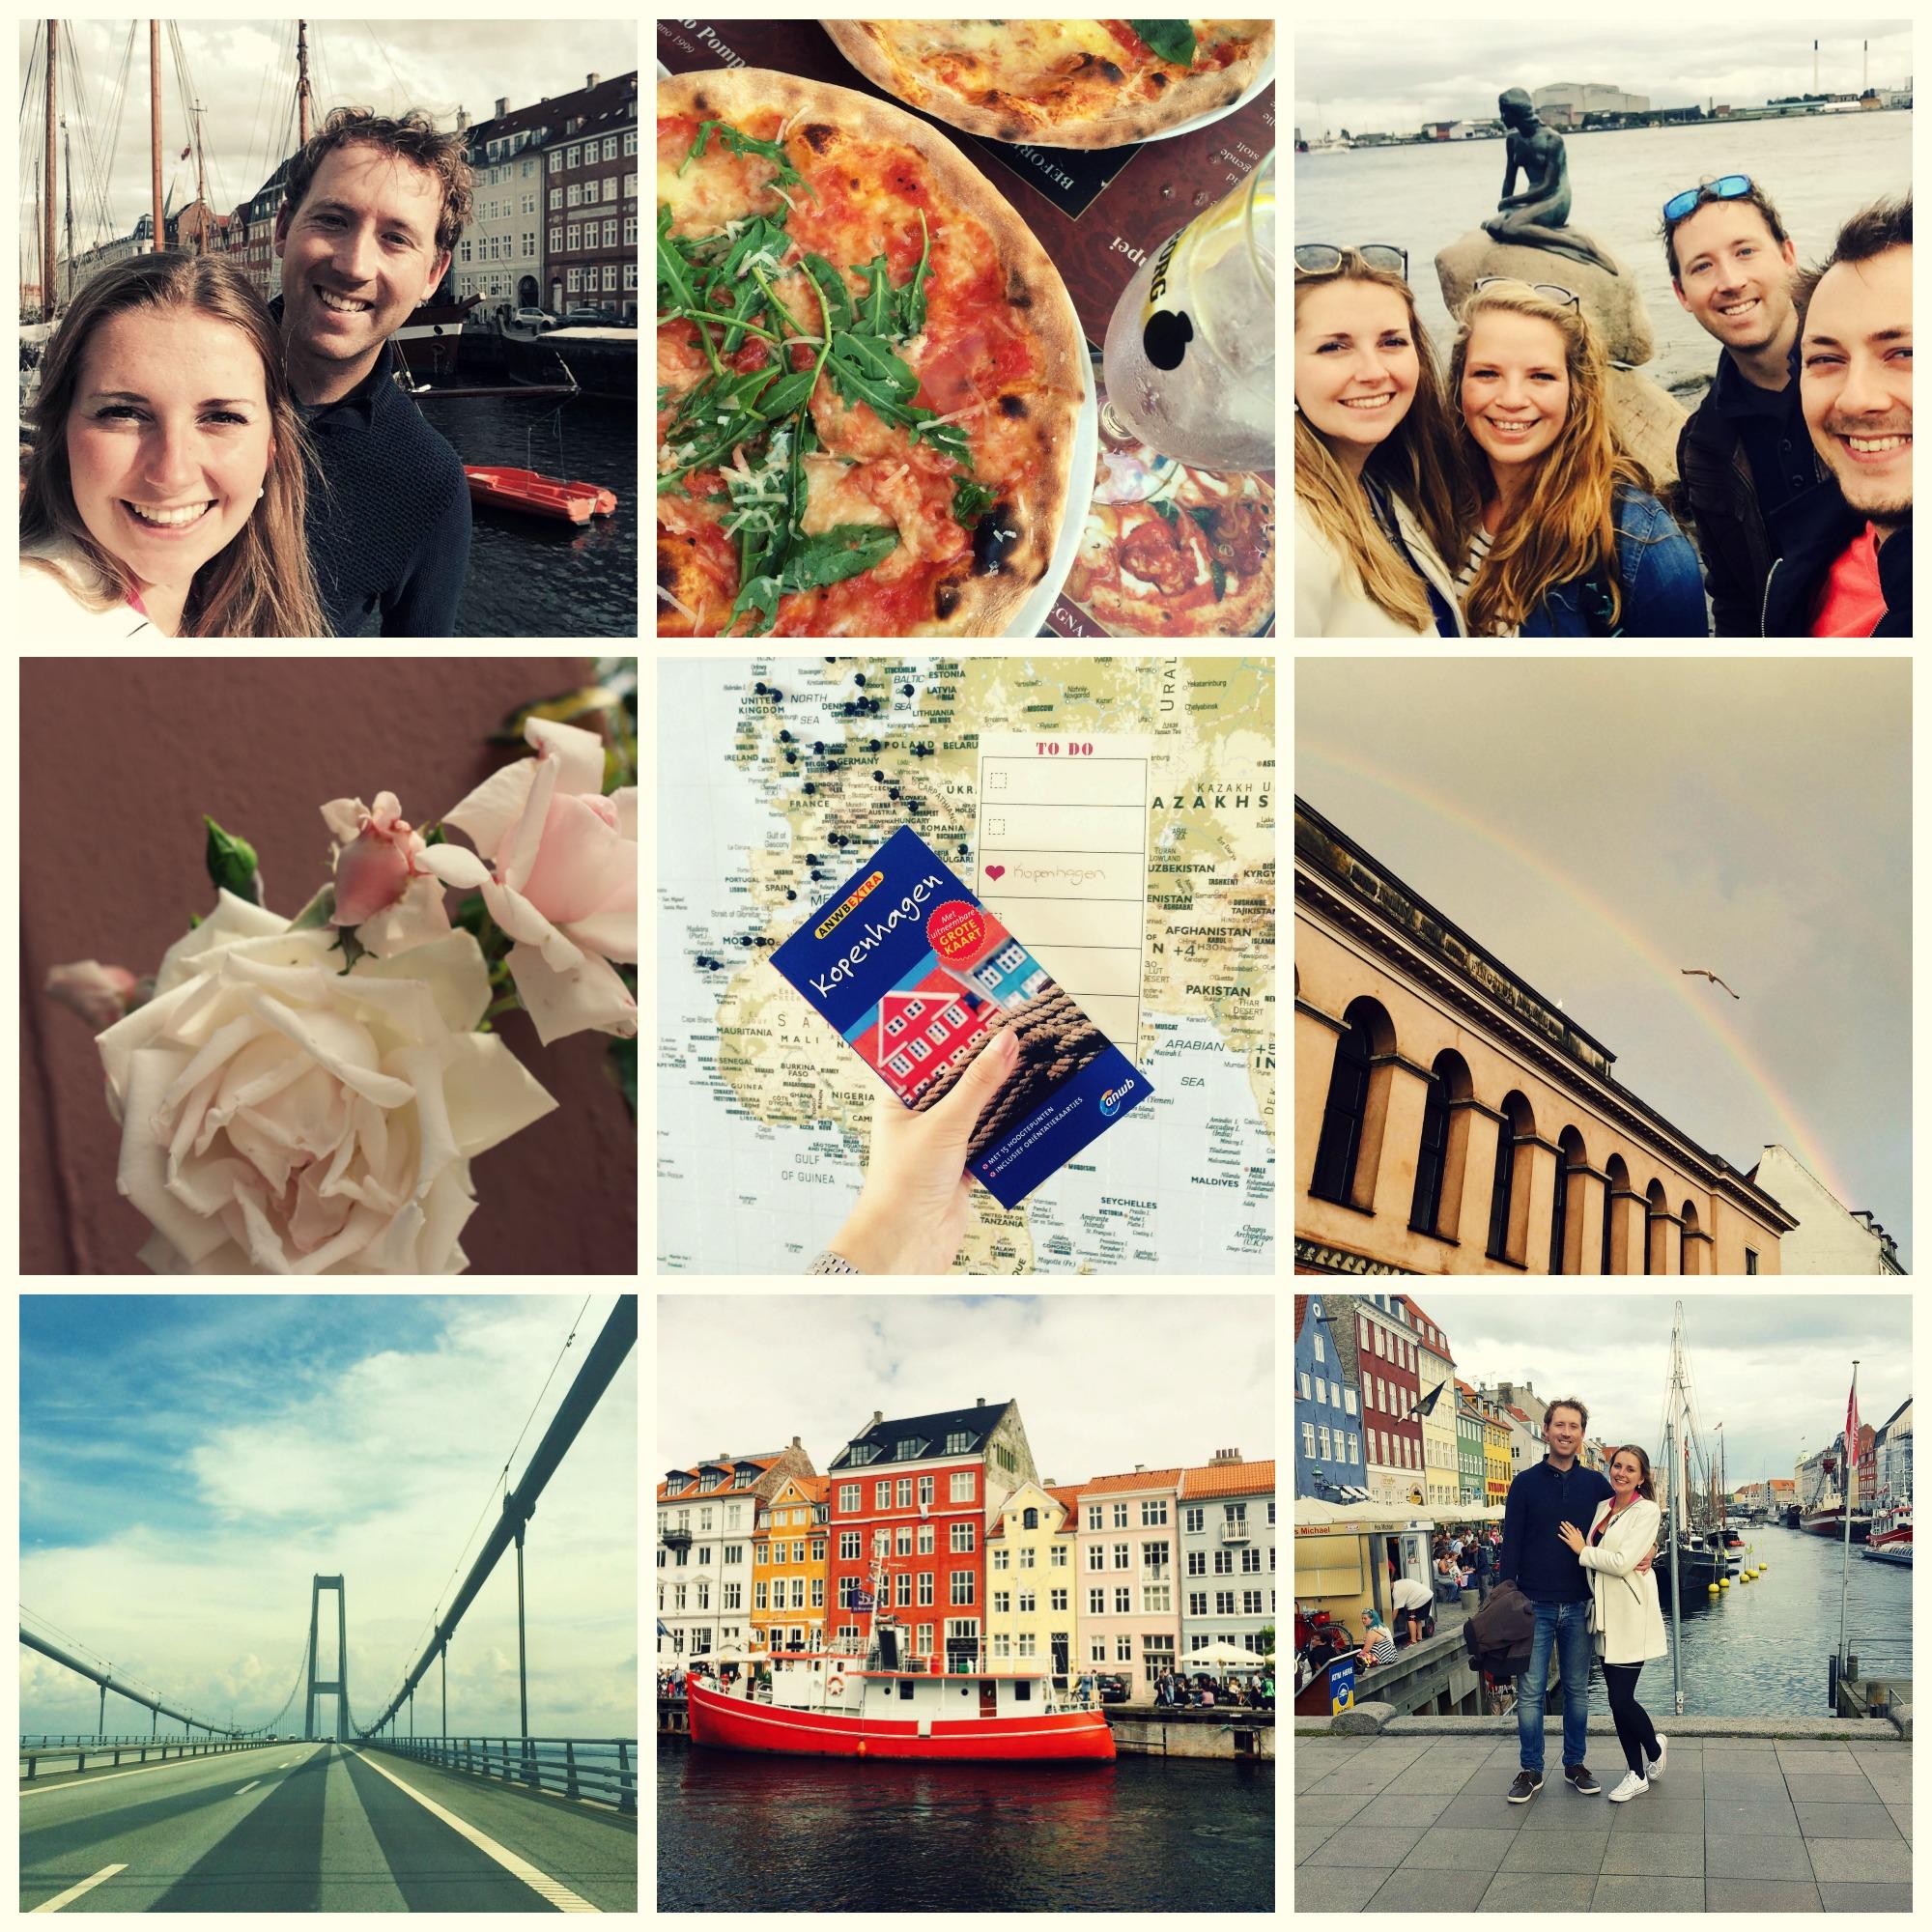 Onze citytrip naar Kopenhagen met véél foto's